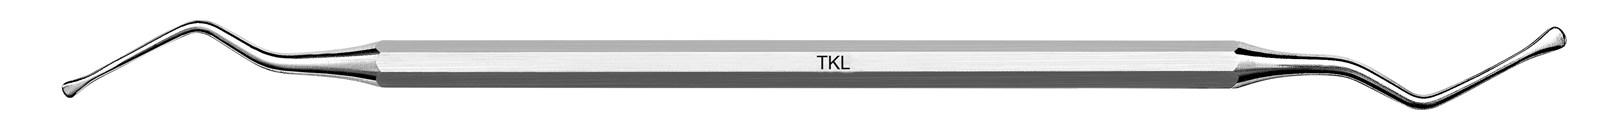 Nůž pro tunelovou techniku - TKL, ADEP tmavě modrý